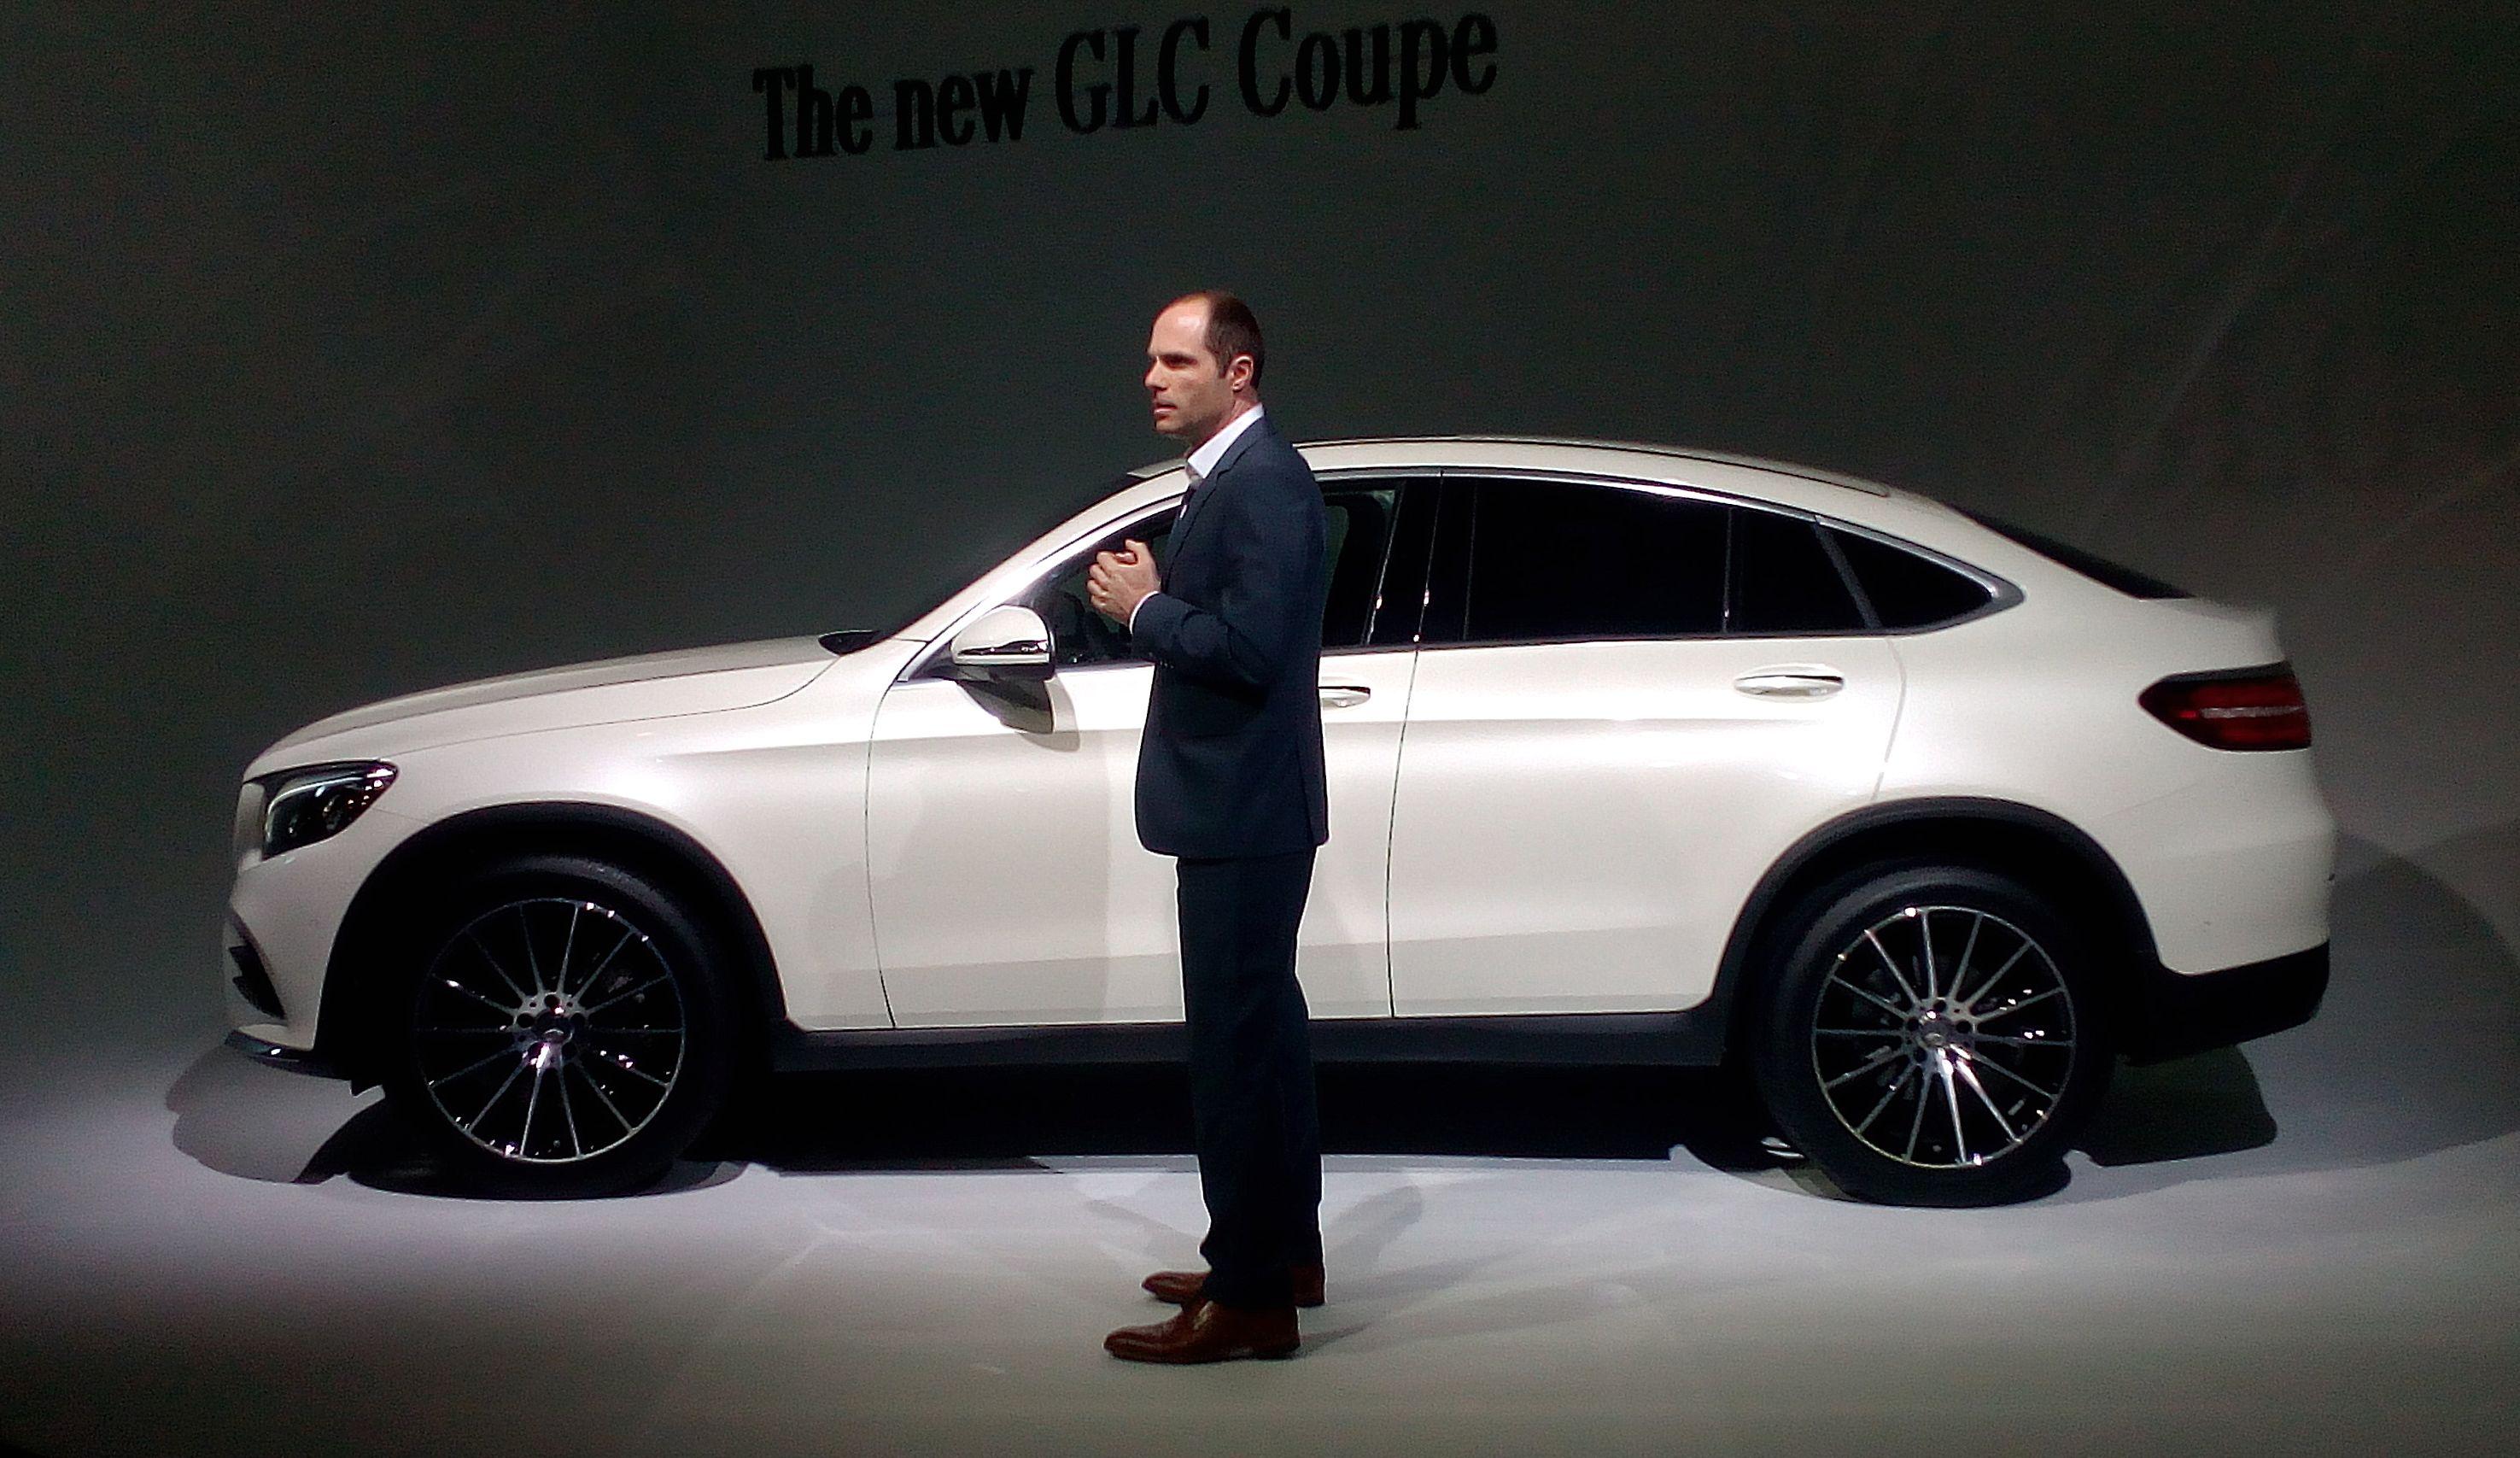 GLC Coupé